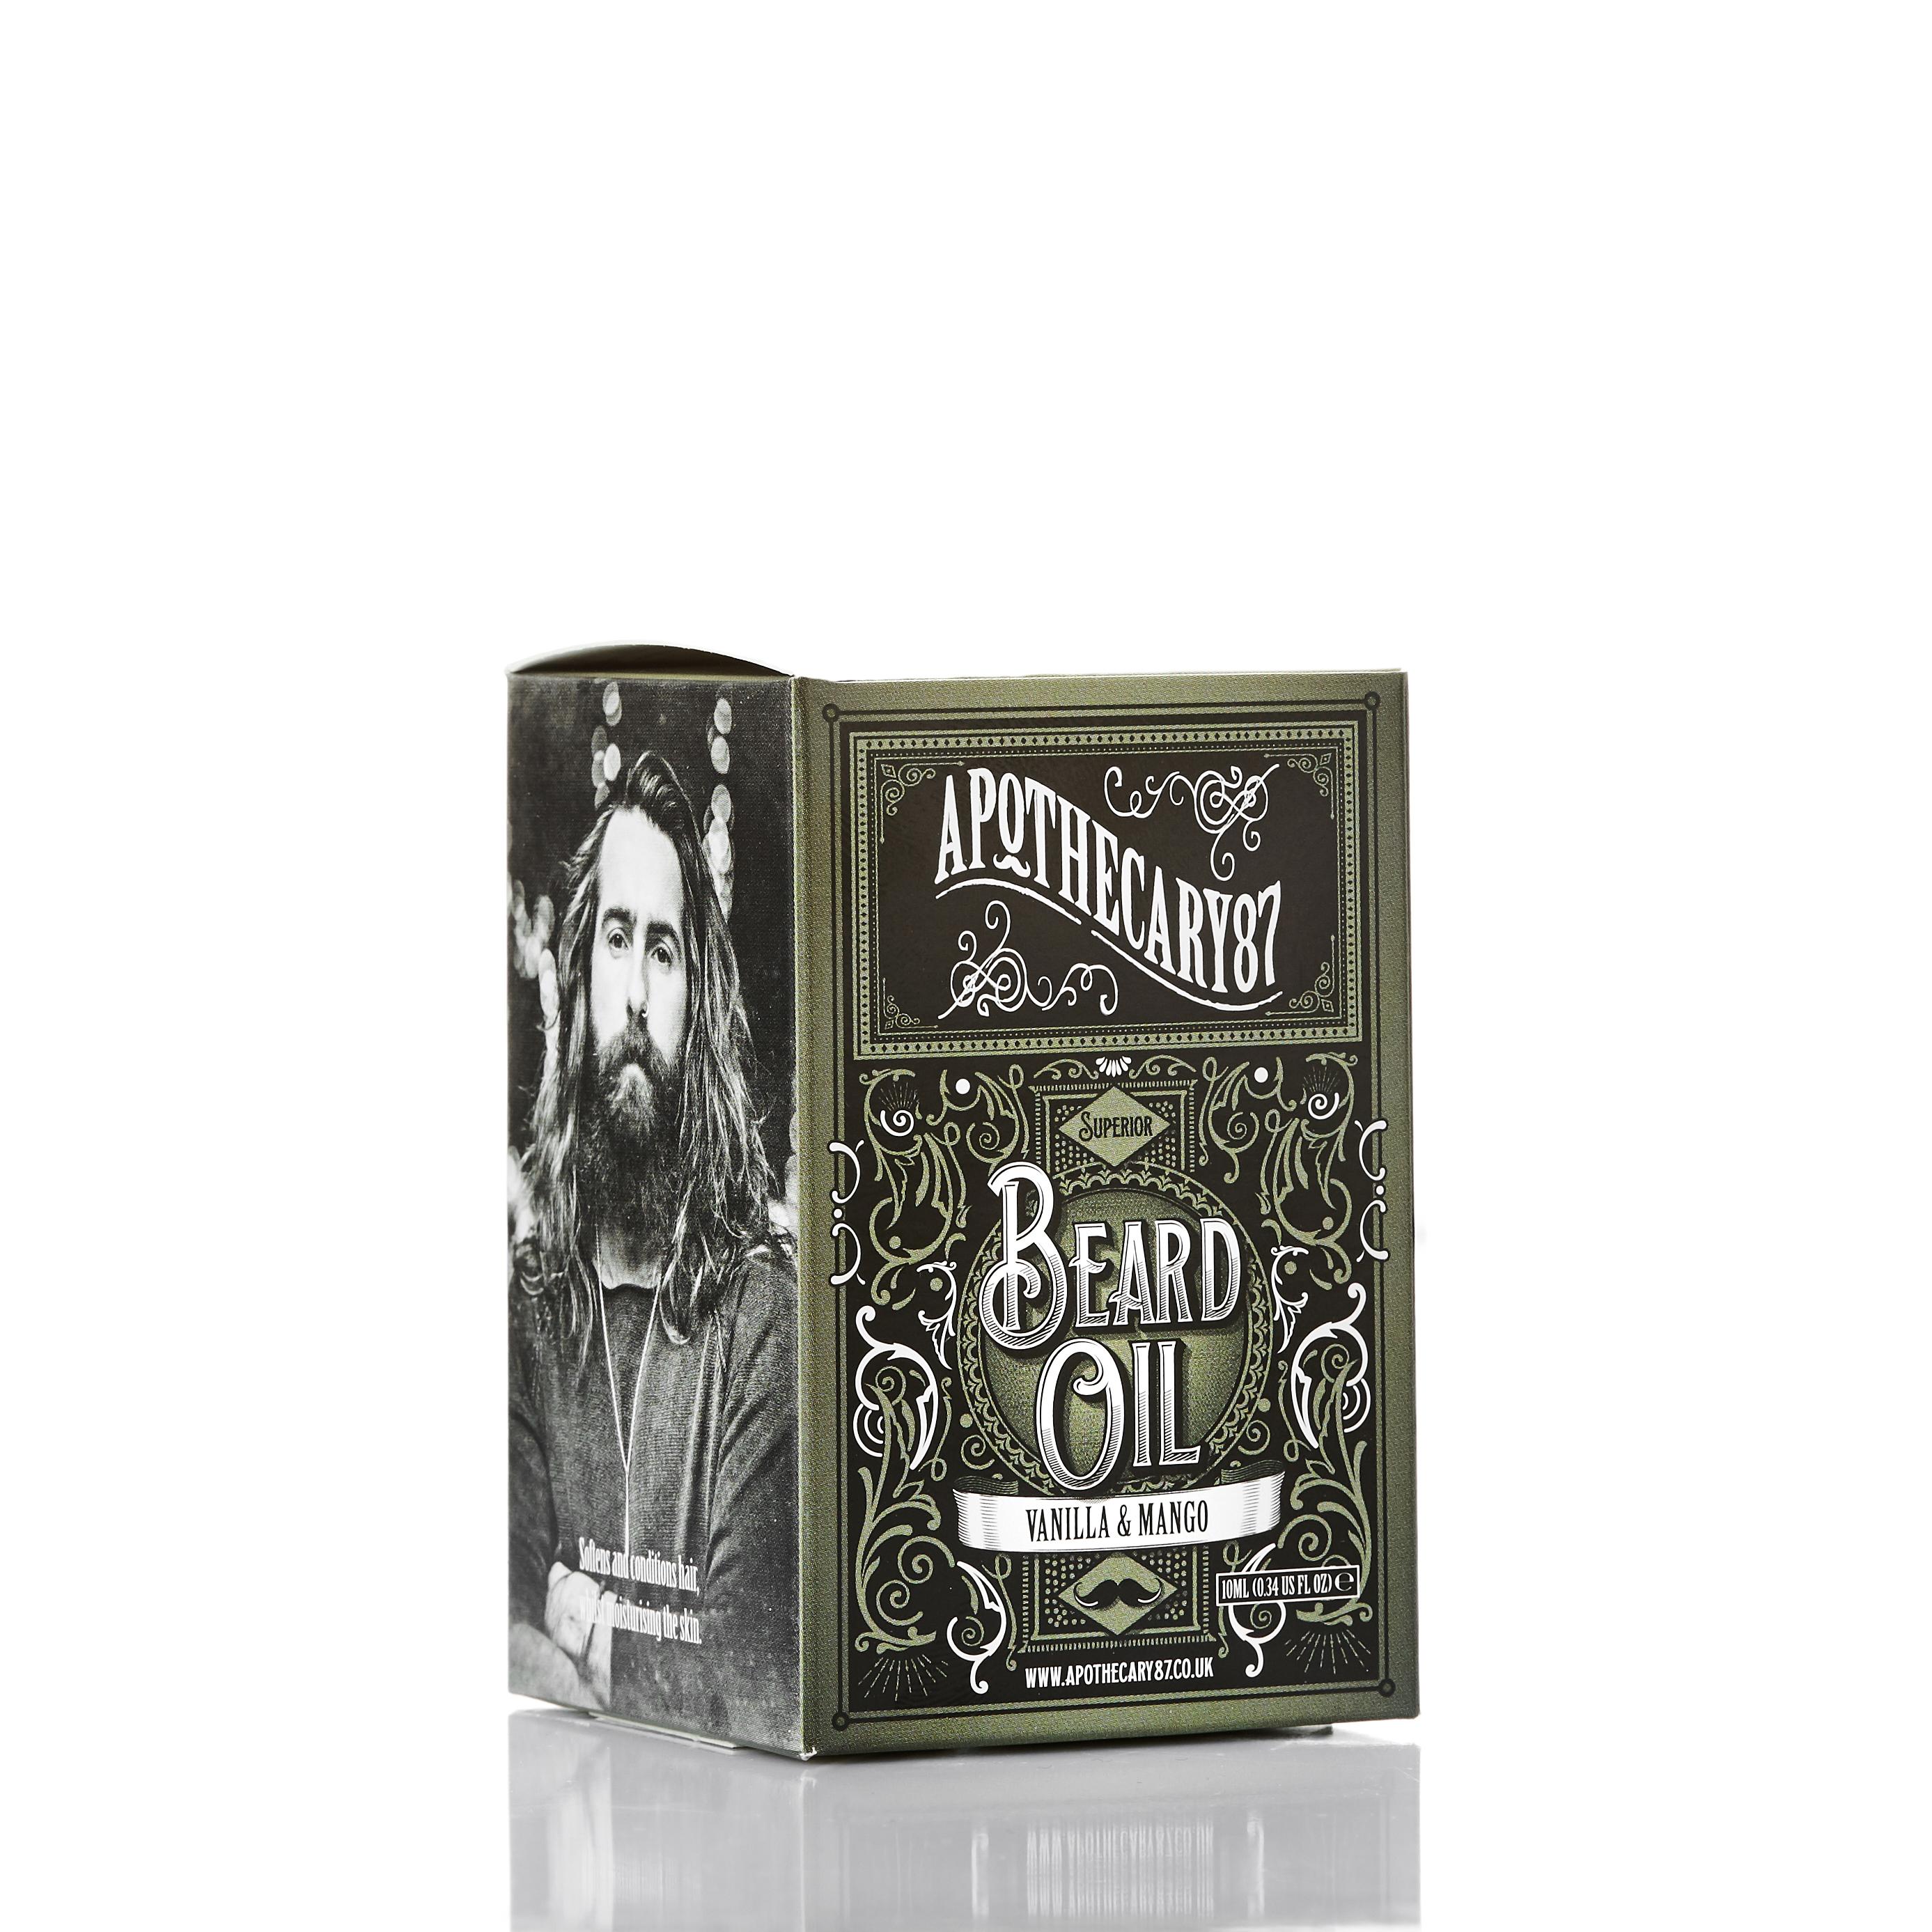 Apothecary 87 Beard Oil - A Vanilla & Mango Fragrance 10ml